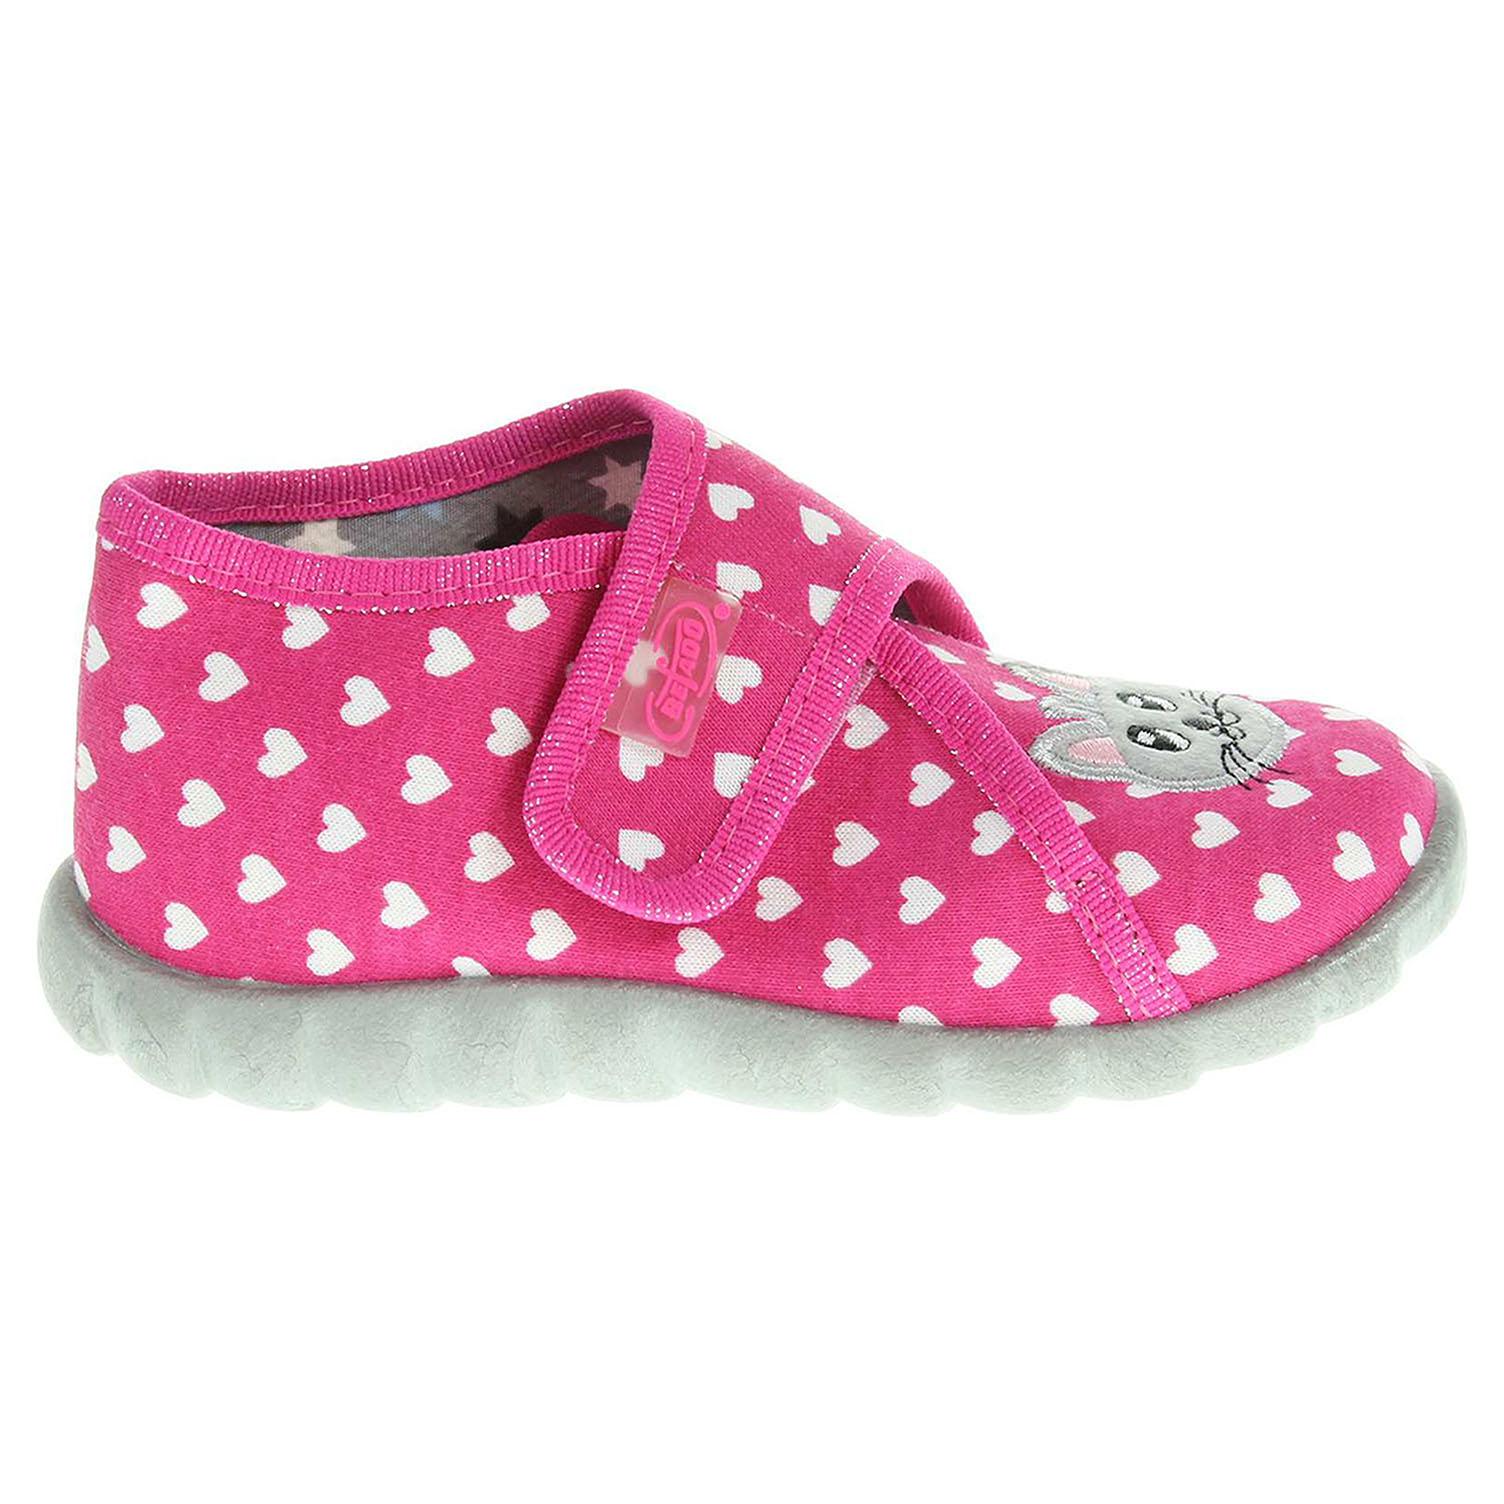 Befado dívčí bačkory 455P040 růžové 20